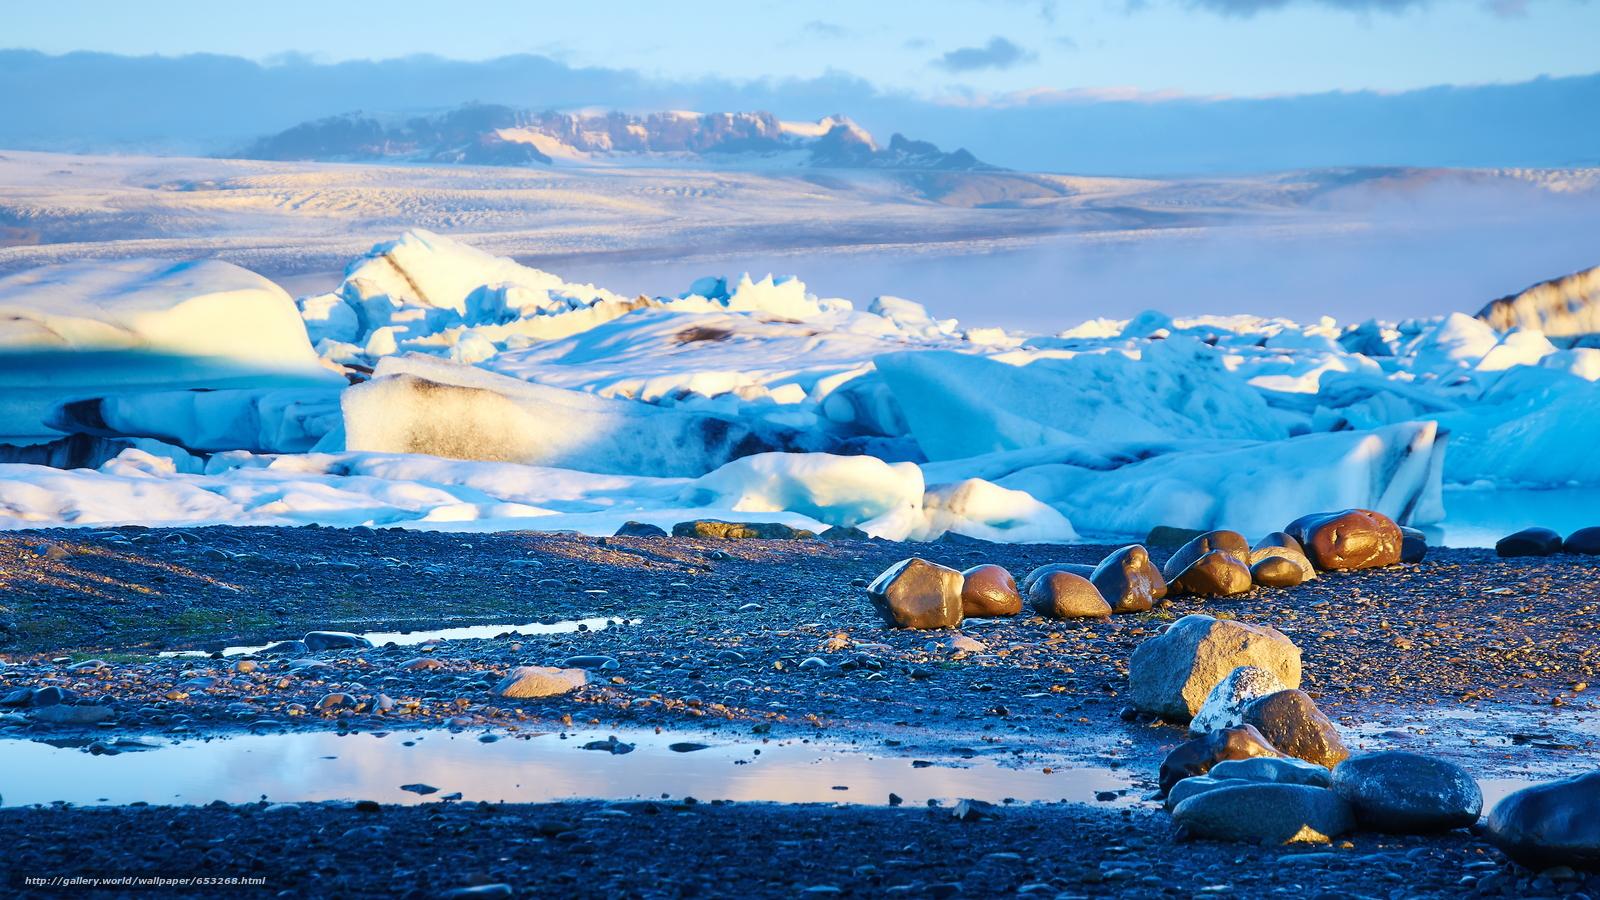 壁紙をダウンロード アイスランド,  アイス,  氷,  氷河 デスクトップの解像度のための無料壁紙 3840x2160 — 絵 №653268